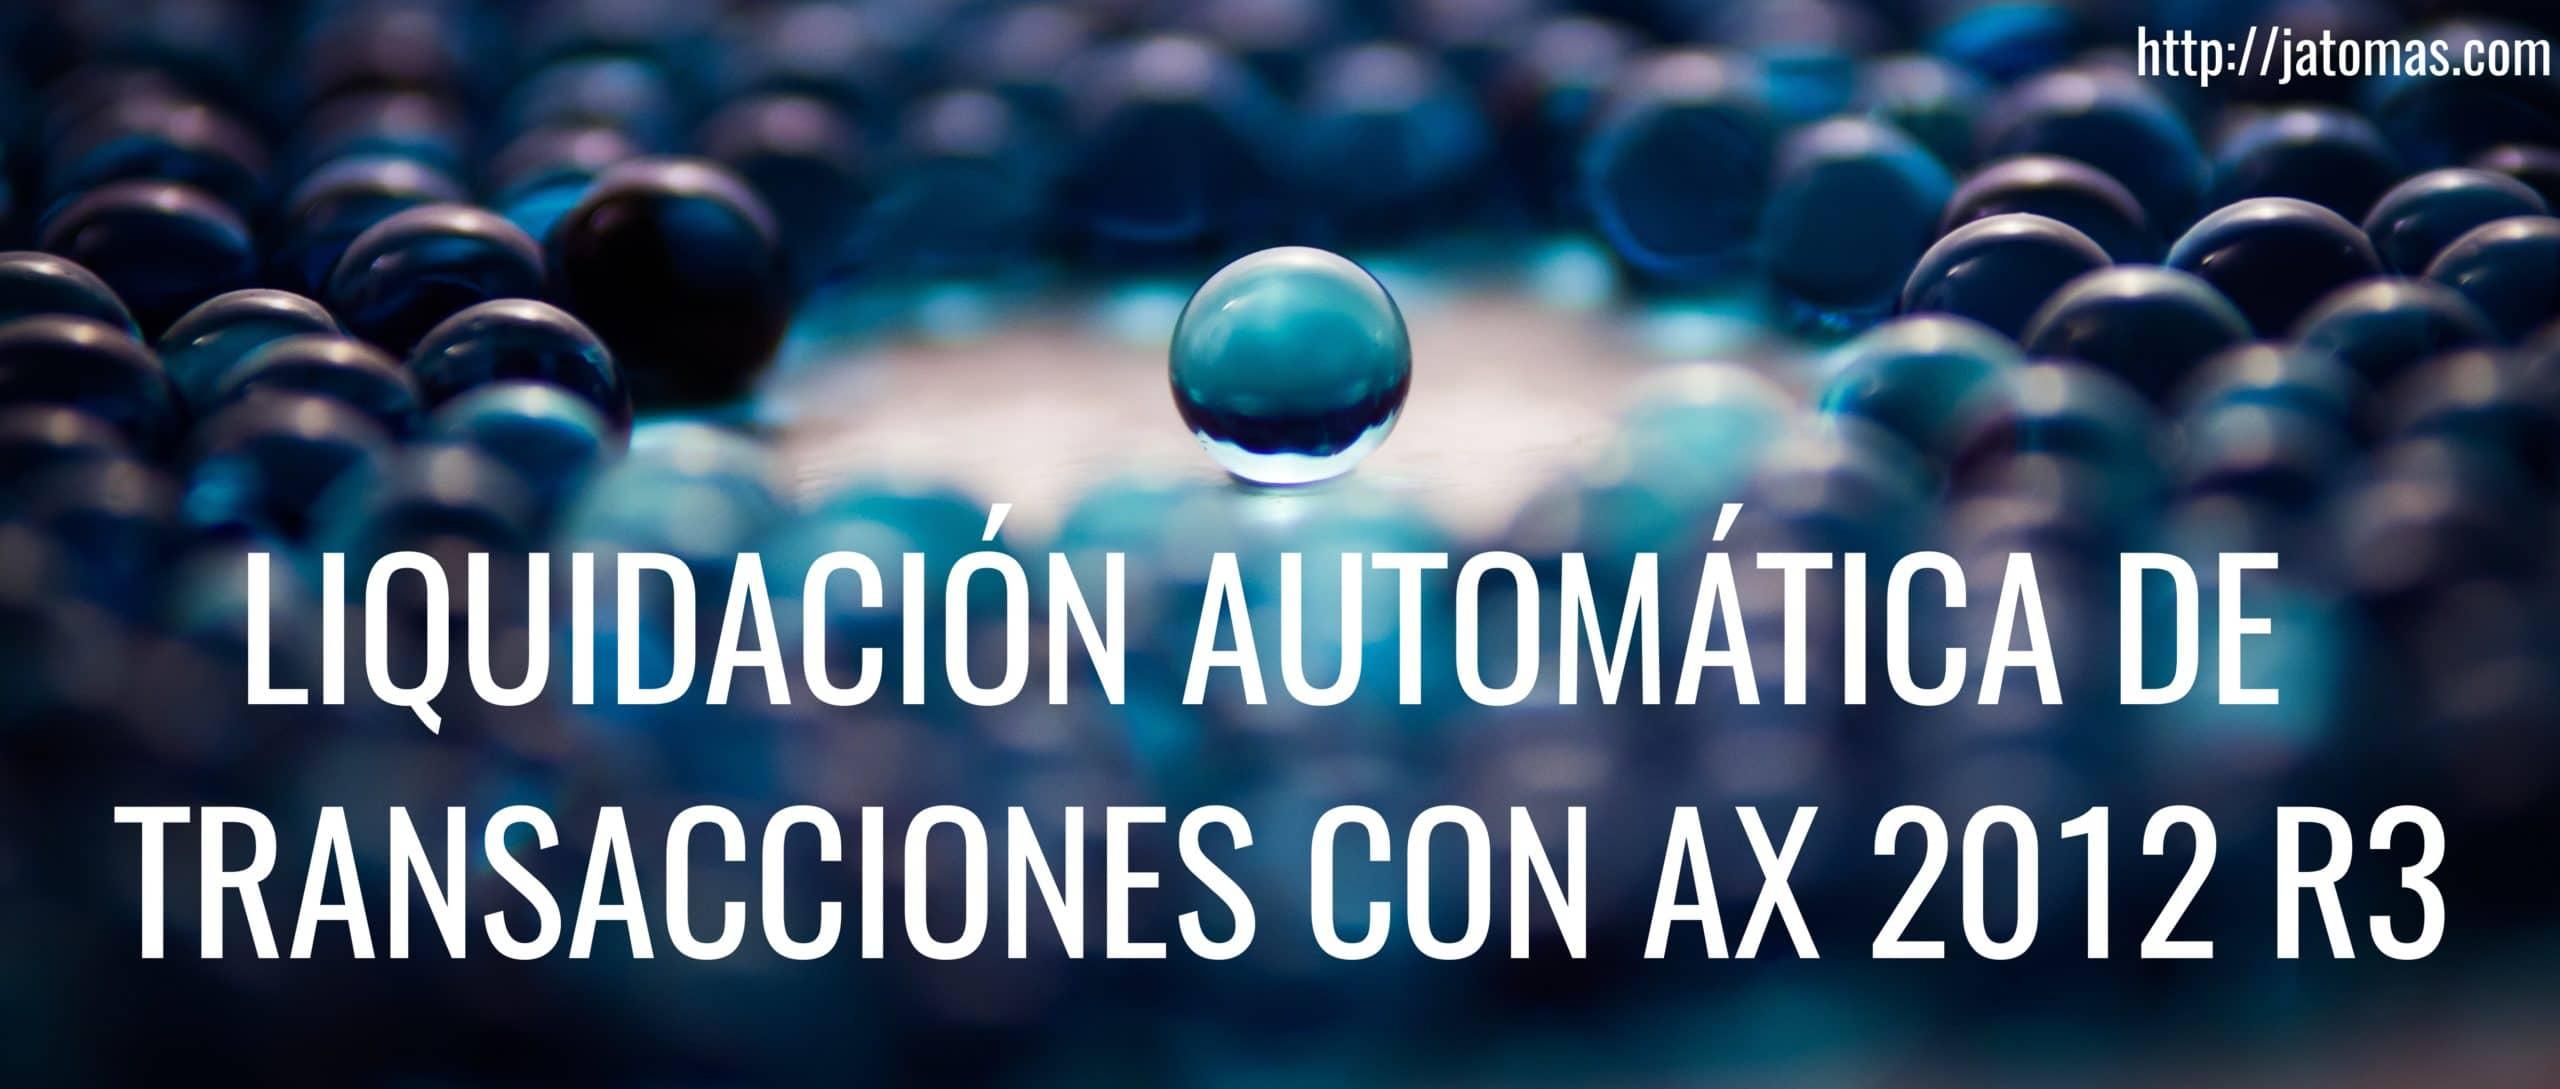 liquidar transacciones automaticamente en ax 2012 r3 x++